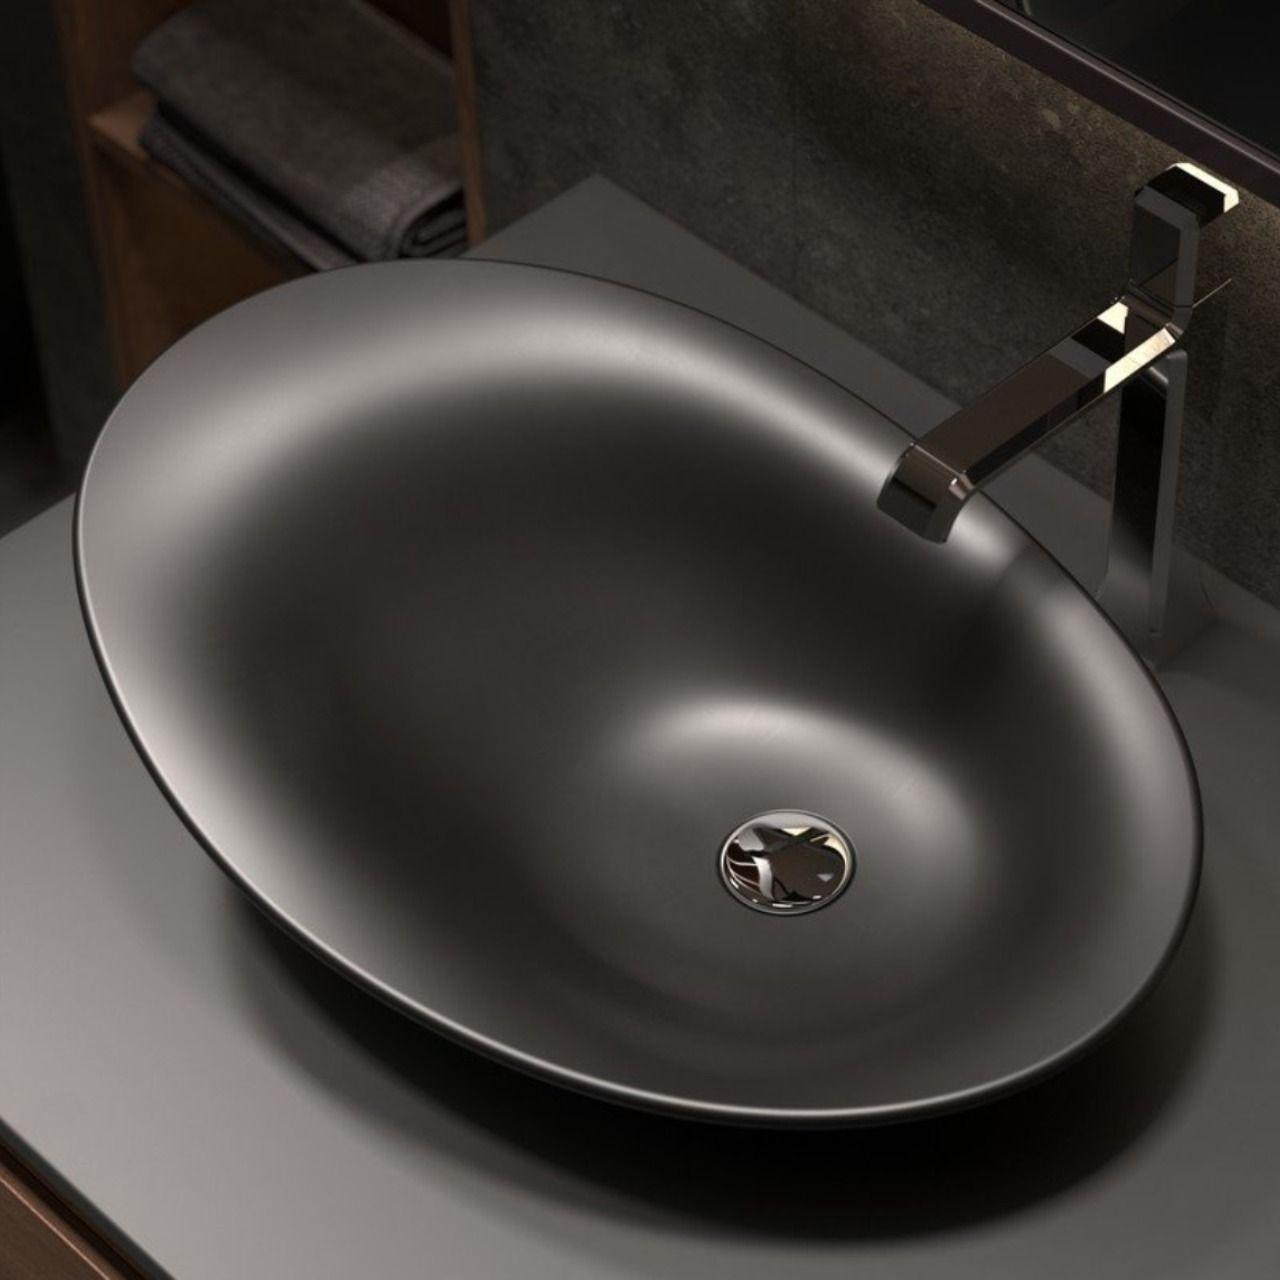 Aquatica Nanomorph Blck Stone Bathroom Vessel Sink Drop In Bathroom Sinks Vessel Sink Bathroom Stone Bathroom